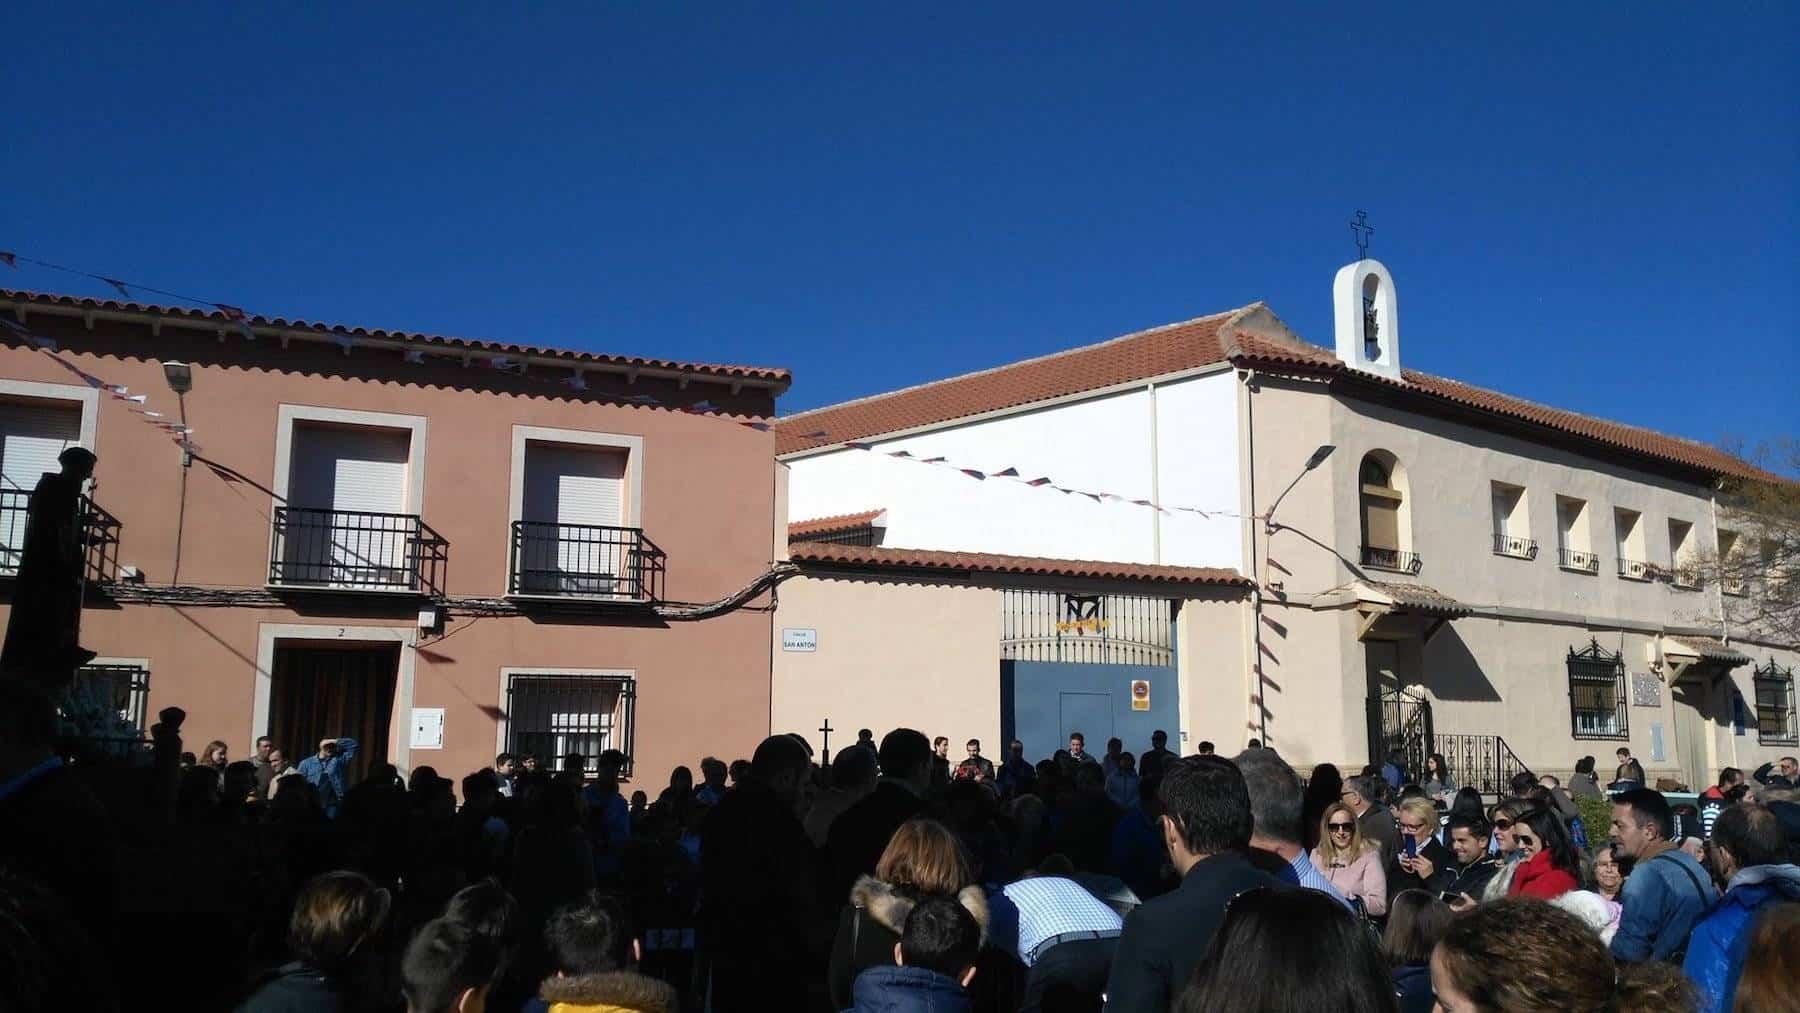 procesion san anton - Herencia celebró la festividad de San Antón con su tradicional hoguera